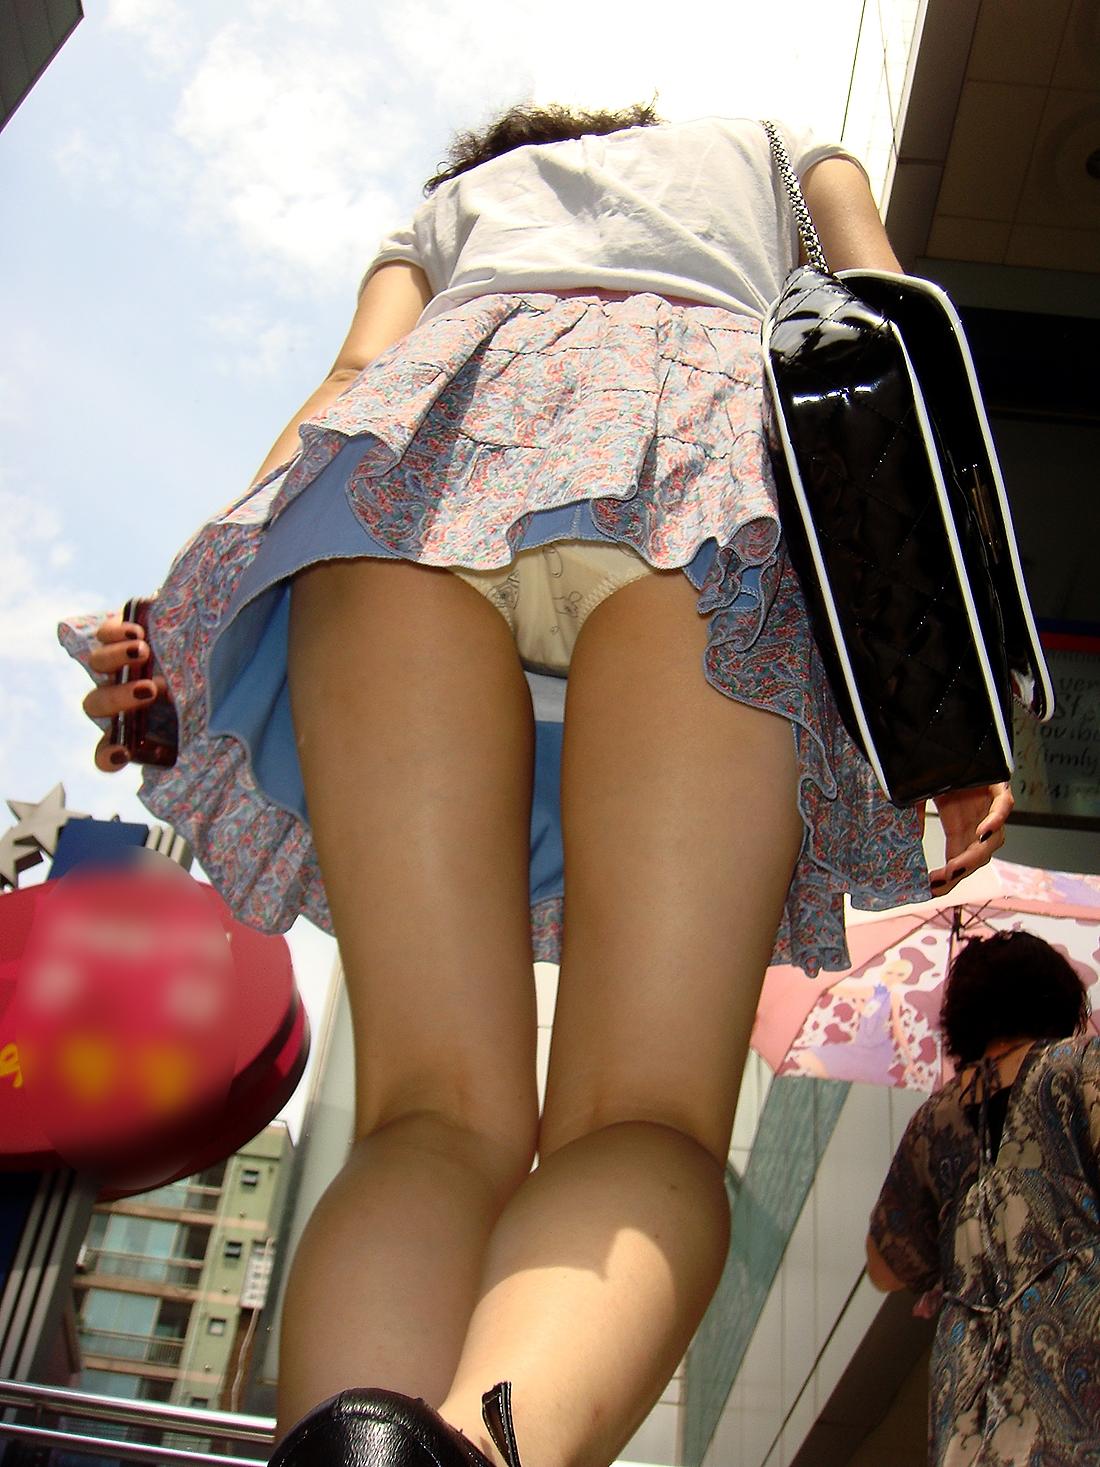 【パンチラ画像】しゃがんで見上げれば天国www階段ローアングルパンチラ 01